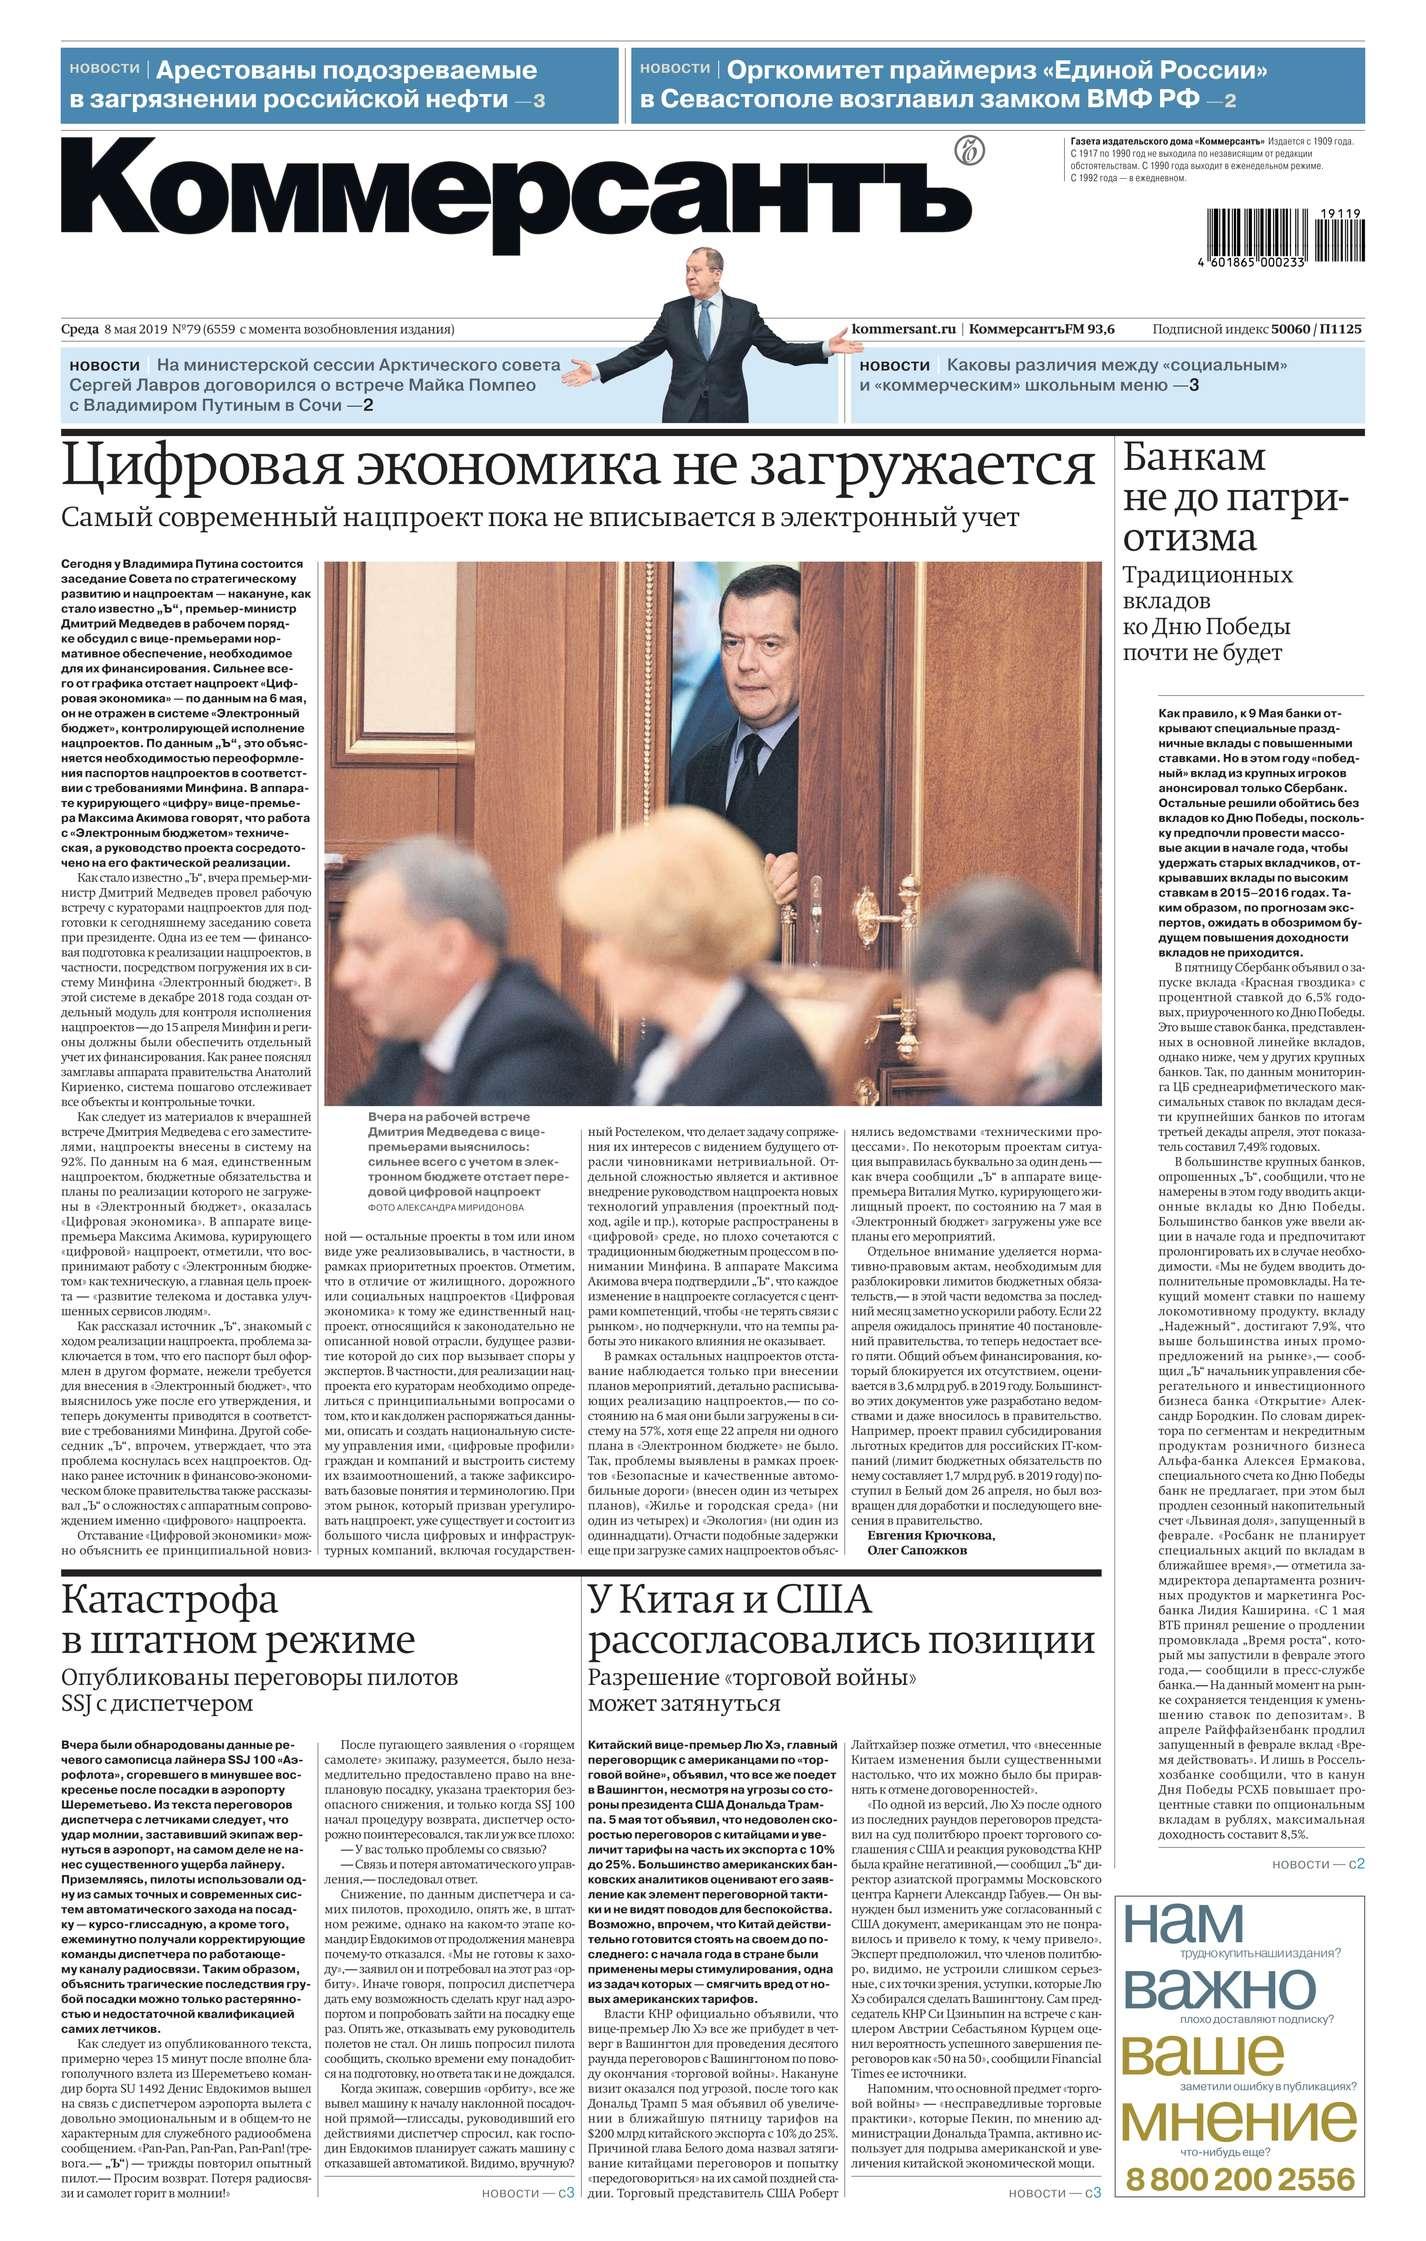 Редакция газеты Коммерсантъ (понедельник-пятница) Коммерсантъ (понедельник-пятница) 79-2019 цена